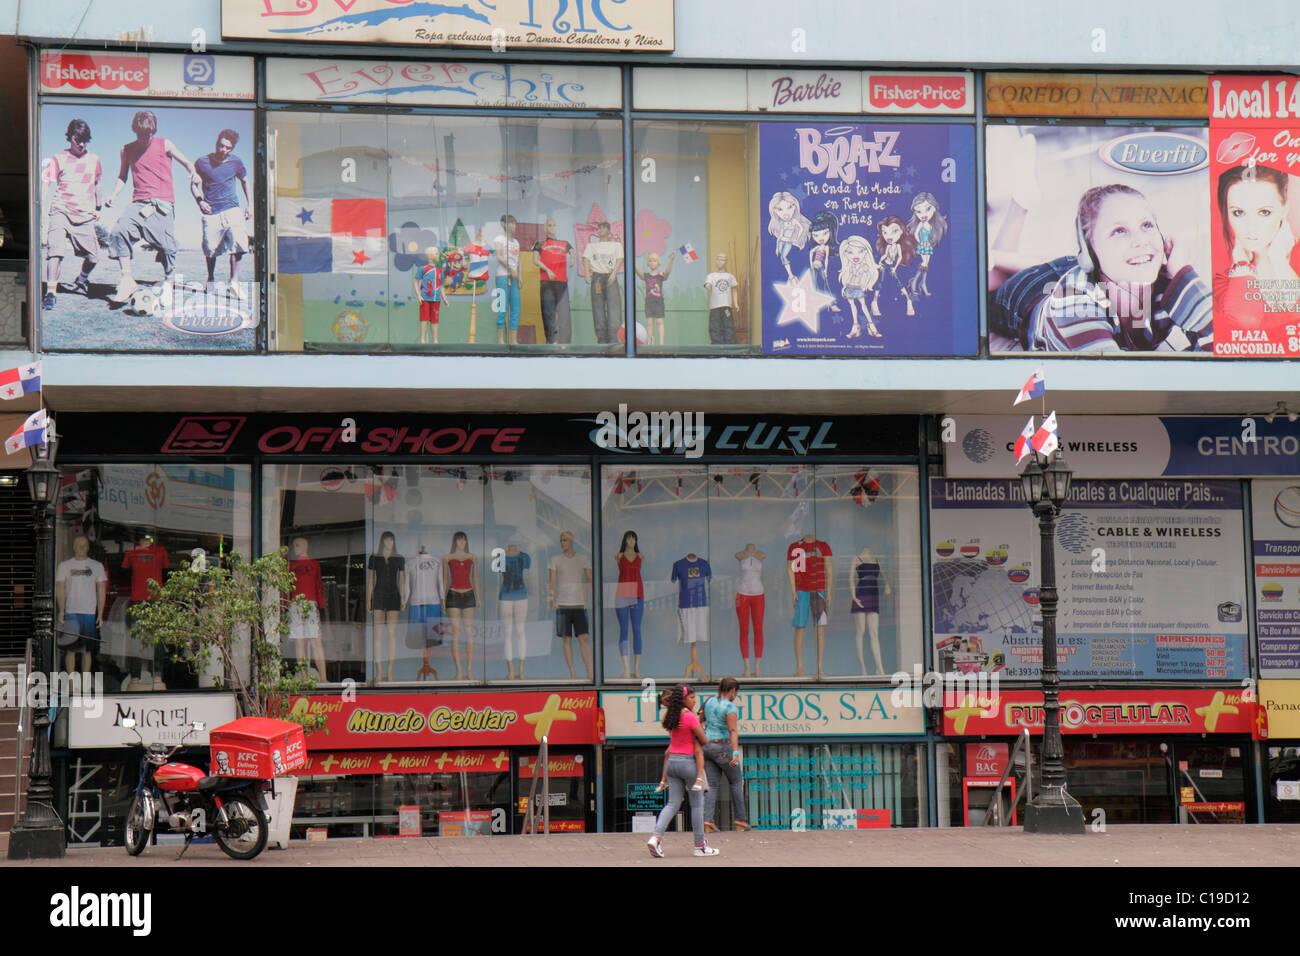 Ciudad de Panama Panamá Bella Vista Via Espana centro comercial urbano  tienda negocios nunca Chic Boutique de ropa ropa americana signo 6411e0d73c0